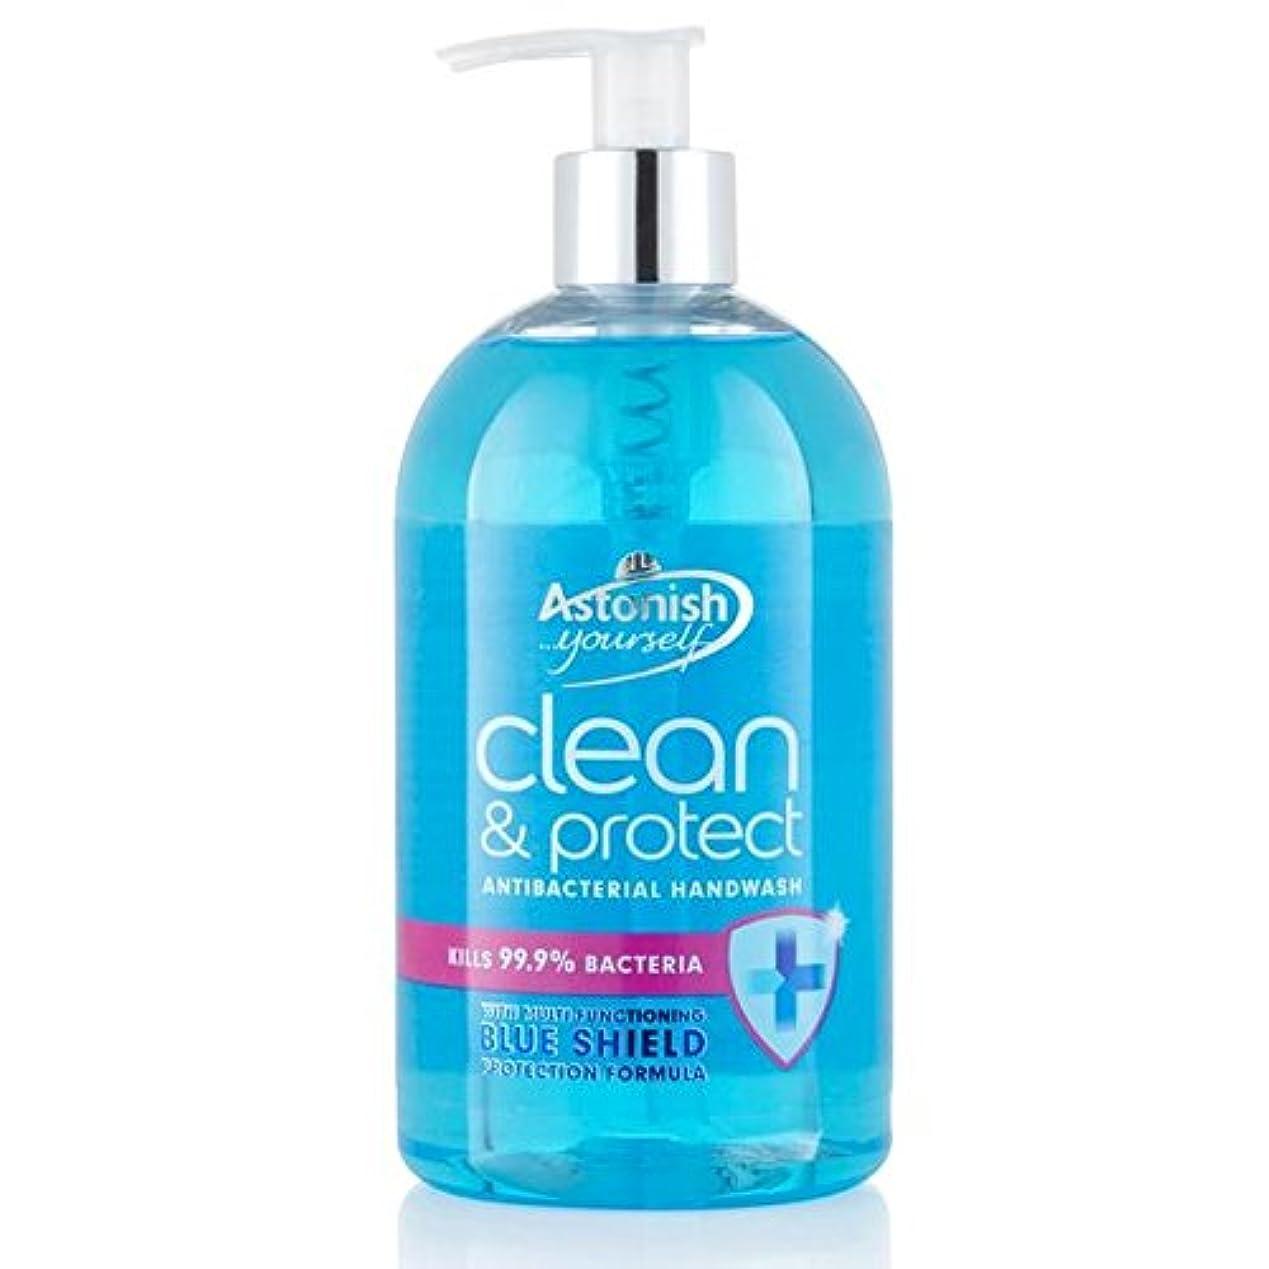 禁止する寄託ガスAstonish Clean & Protect Hand Wash 500ml (Pack of 6) - クリーン驚か&ハンドウォッシュ500ミリリットルを保護 x6 [並行輸入品]